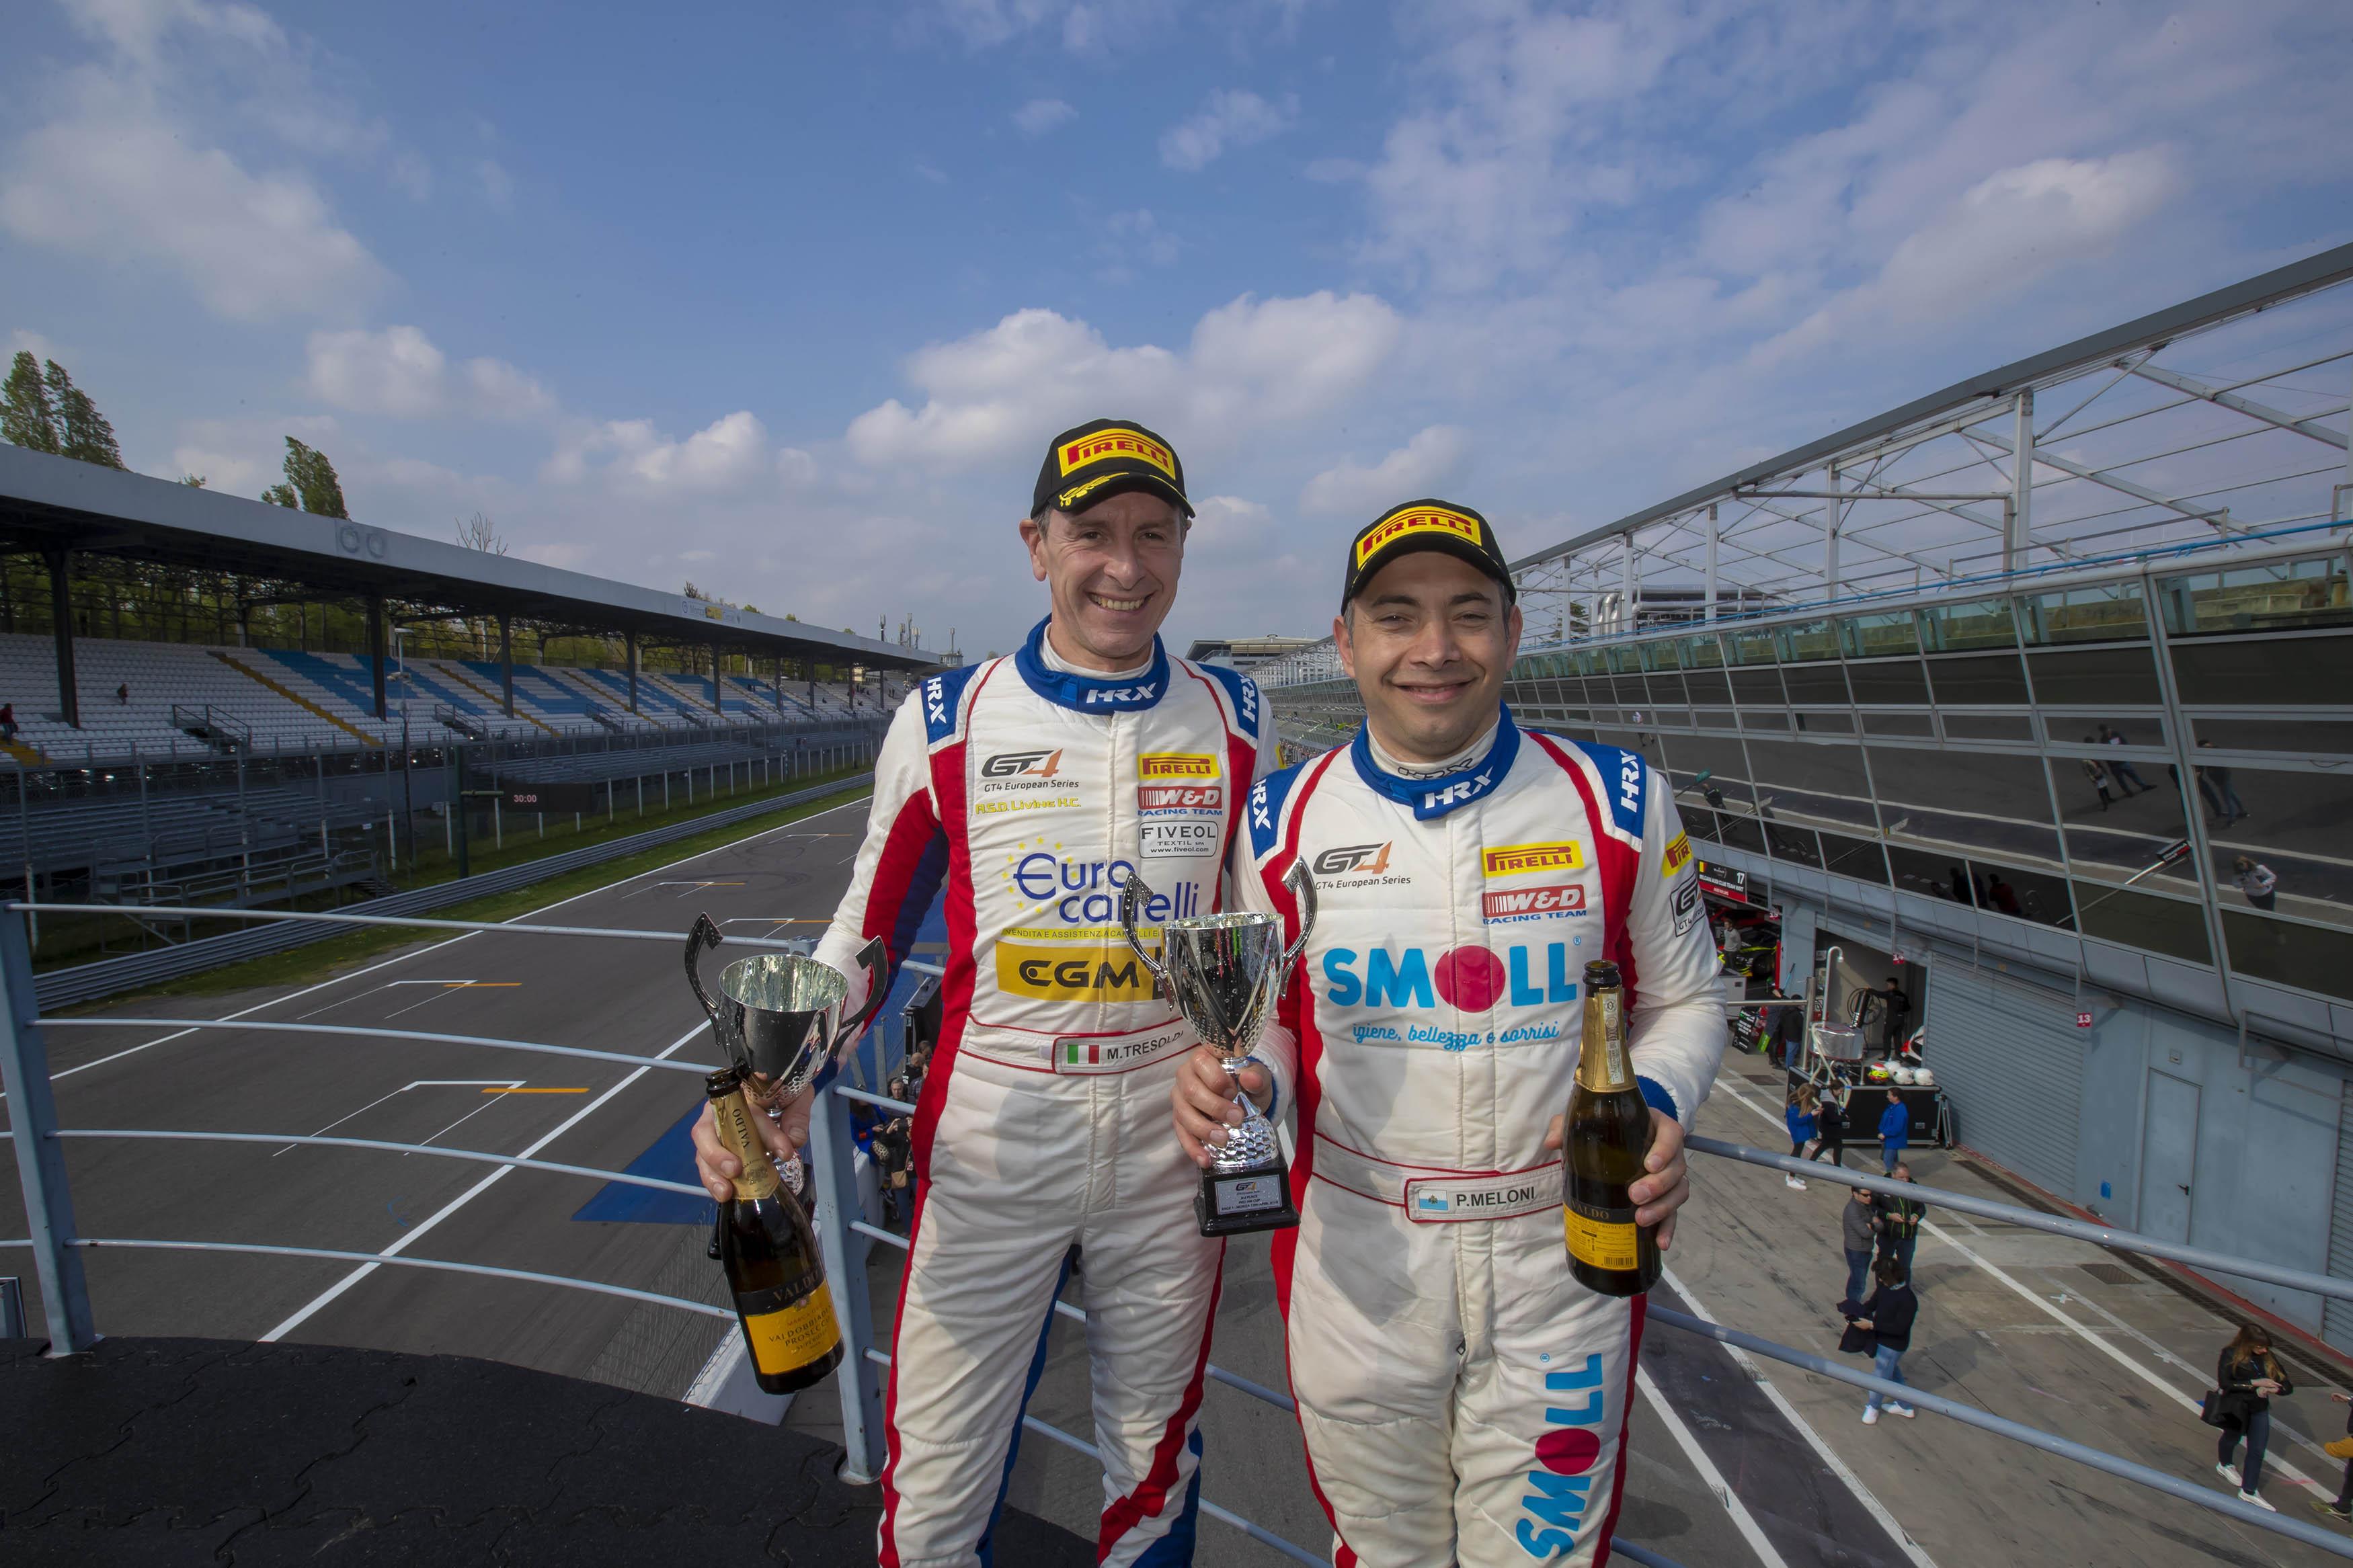 Paolo Meloni e Max Tresoldi sono stati protagonisti nella GT4 European Series